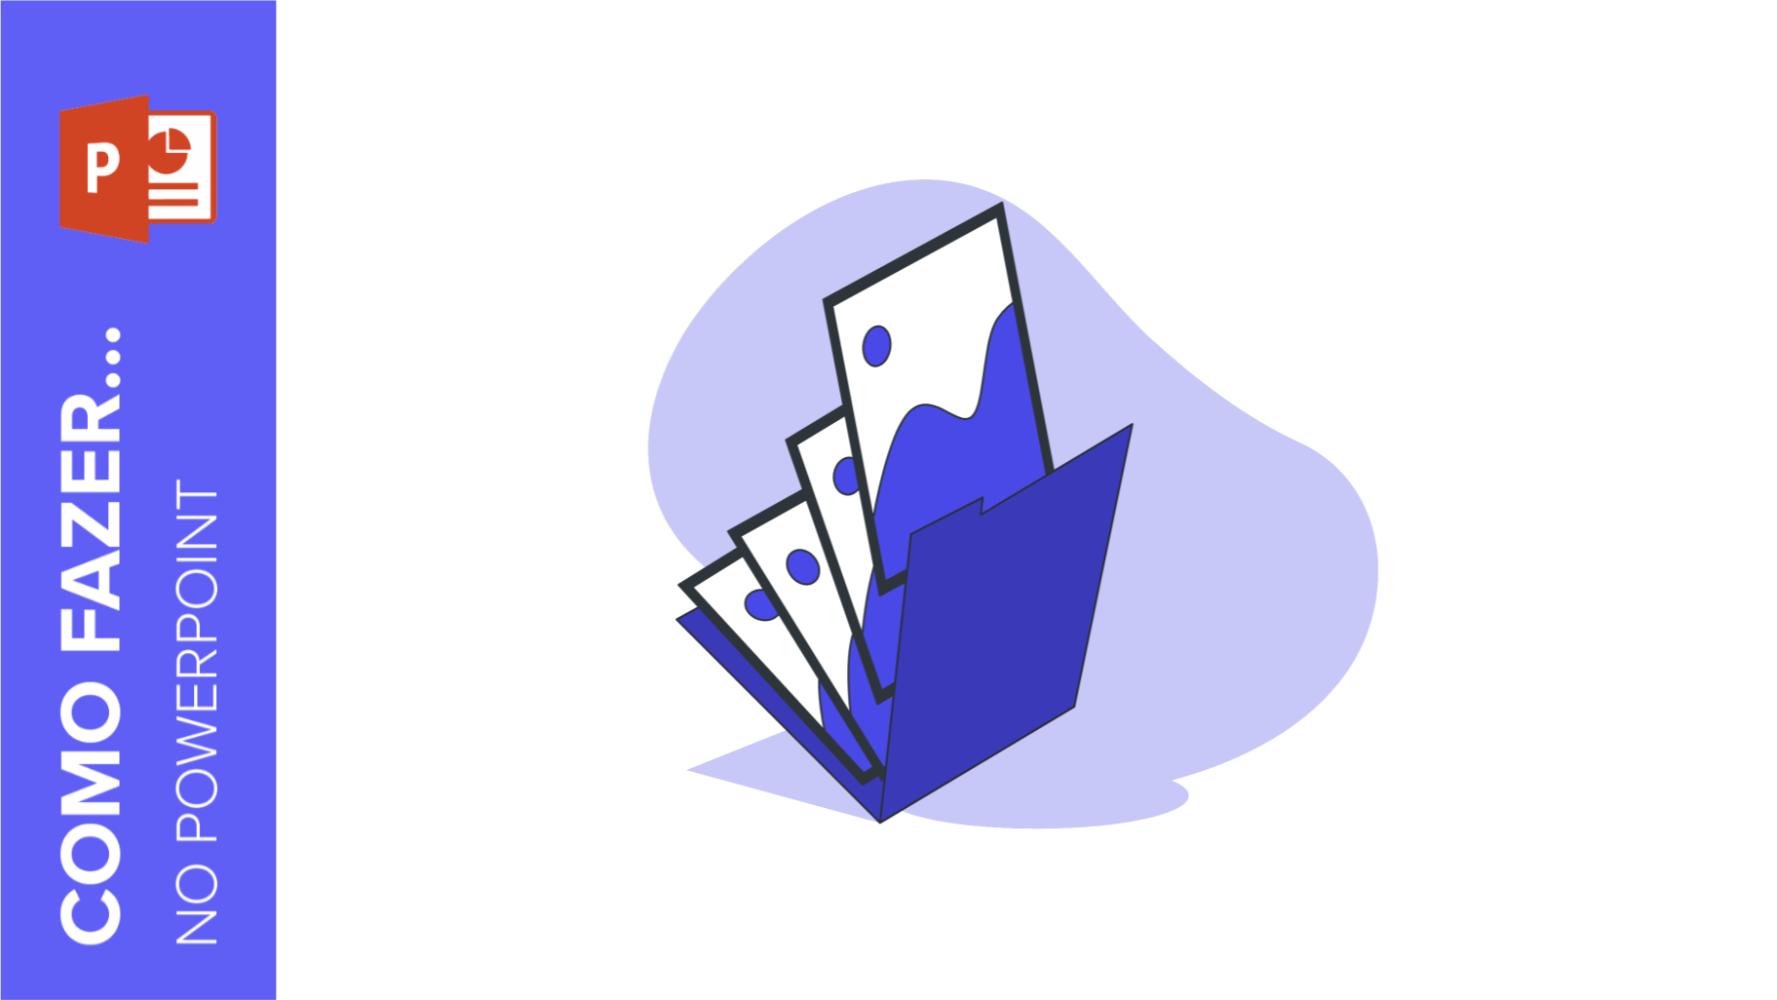 Como tornar uma imagem transparente no PowerPoint | Tutoriais e Dicas de apresentação